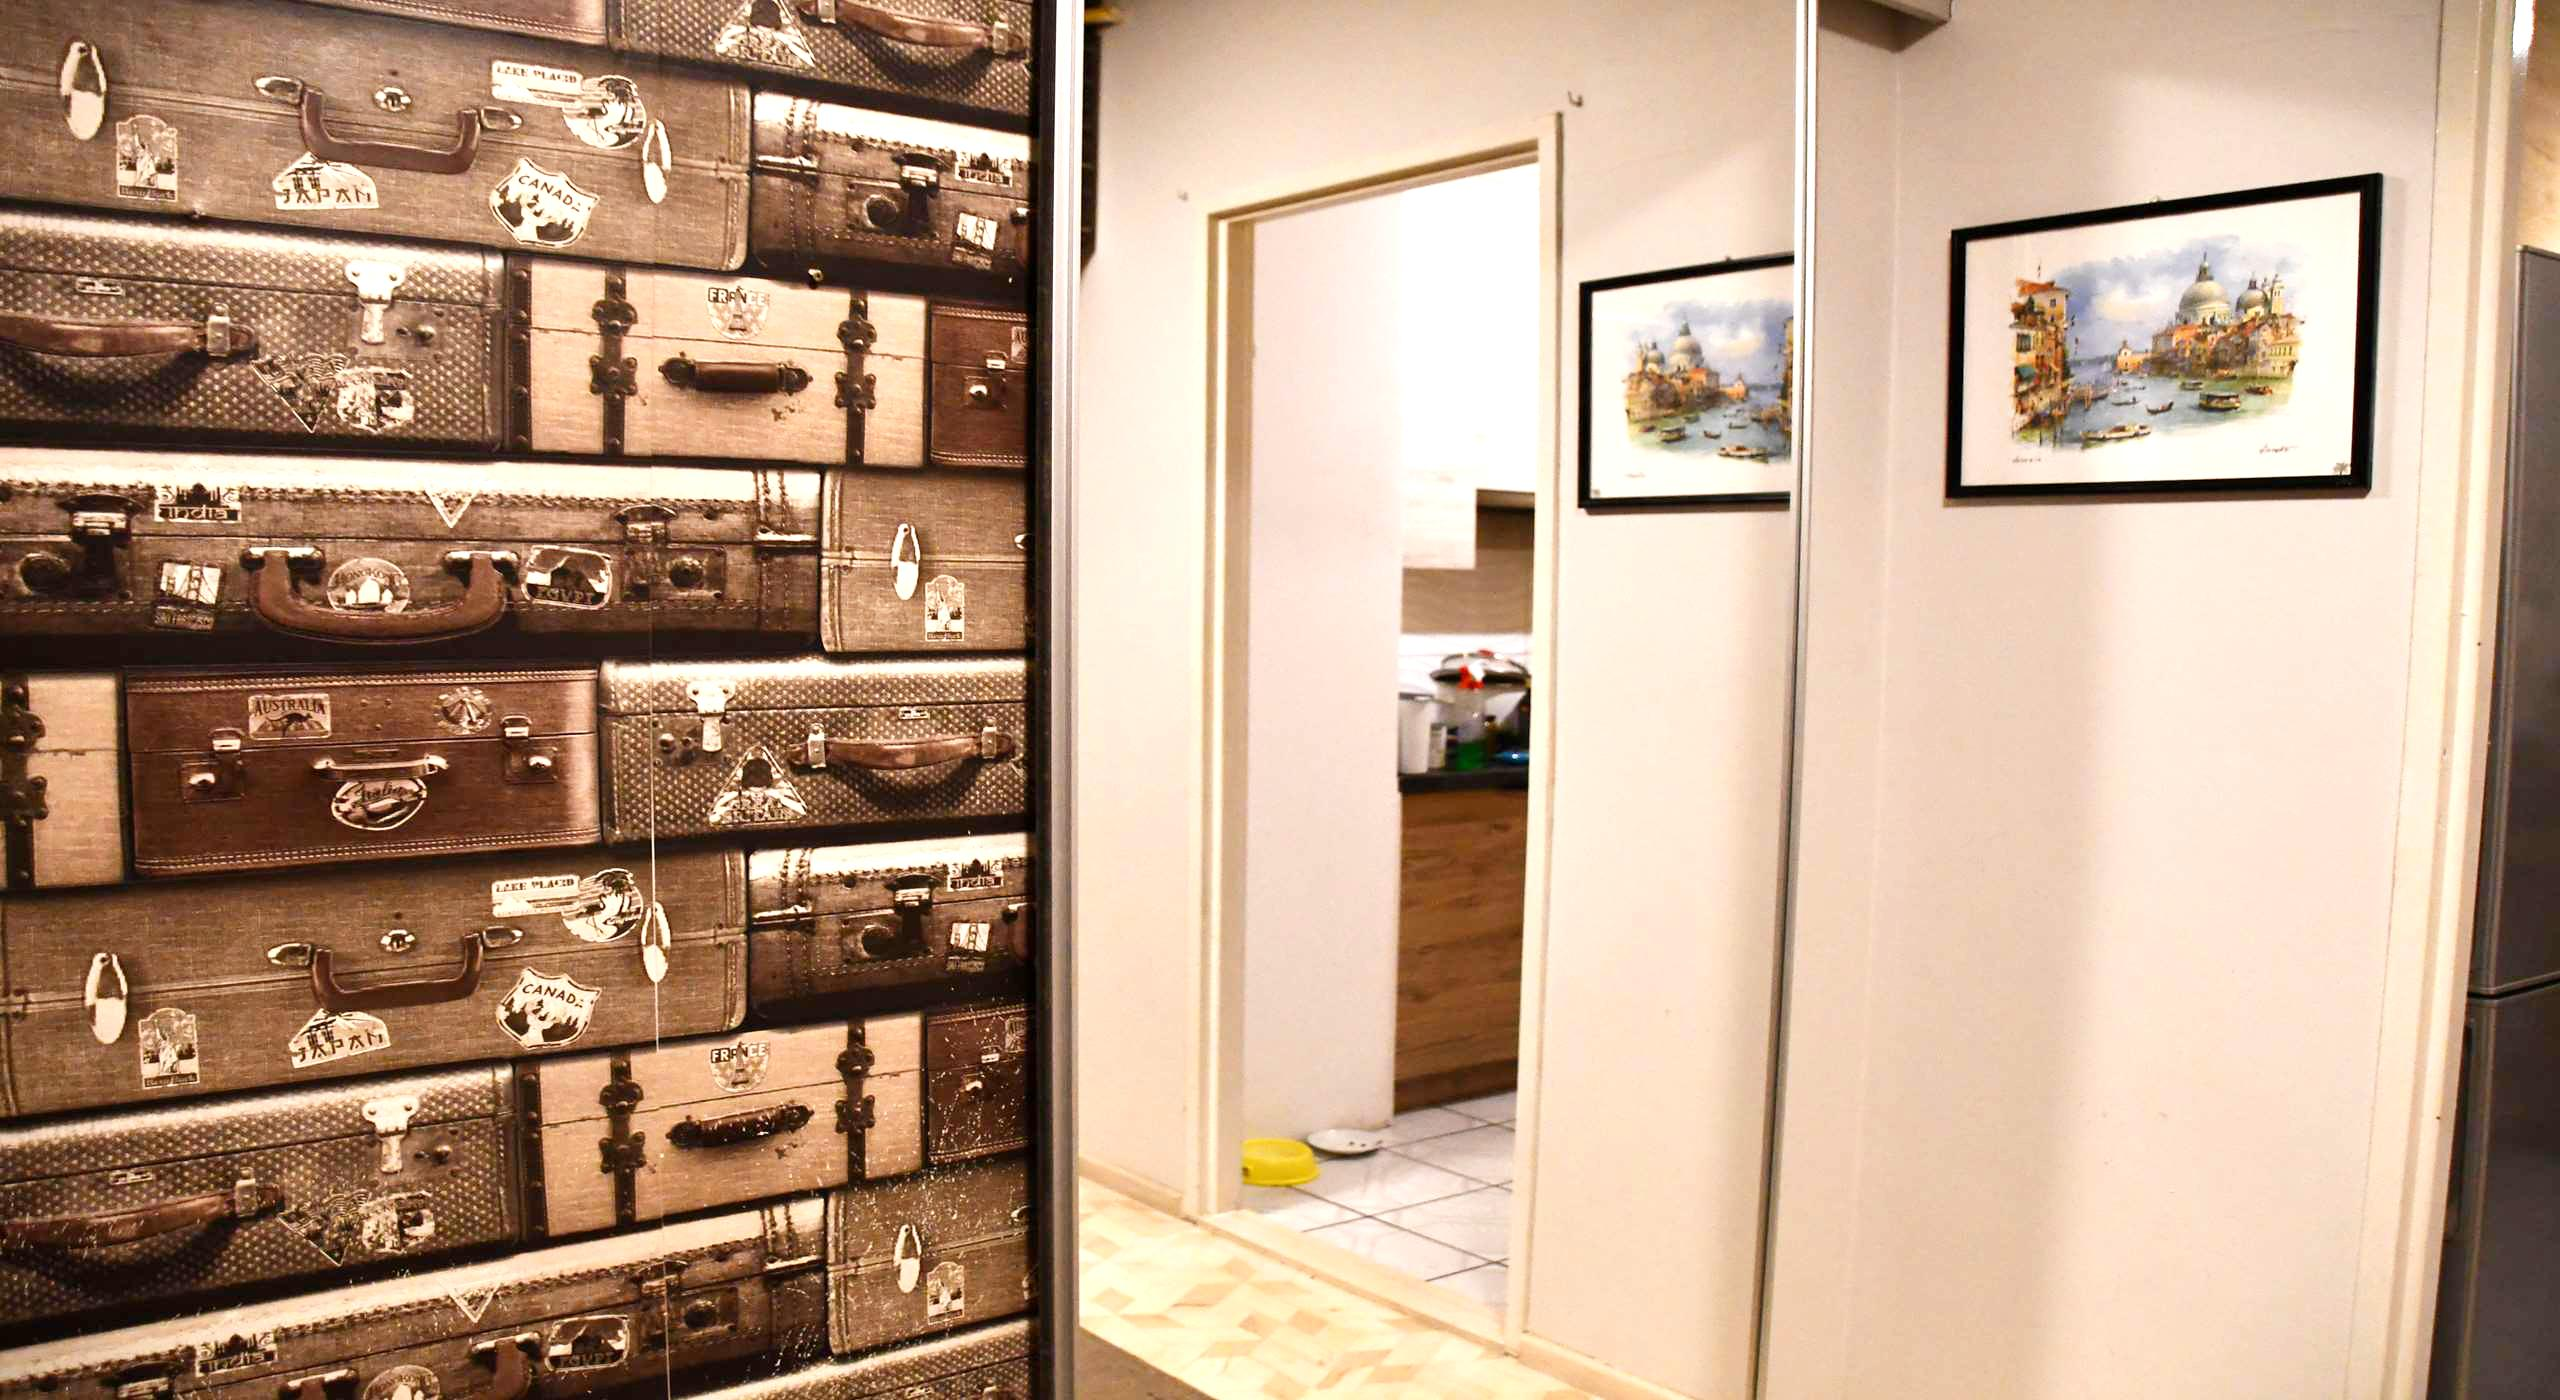 mieszkanie zamosc - mieszkanie na sprzedaż - Krzysztof Górski Nieruchomości Zamość